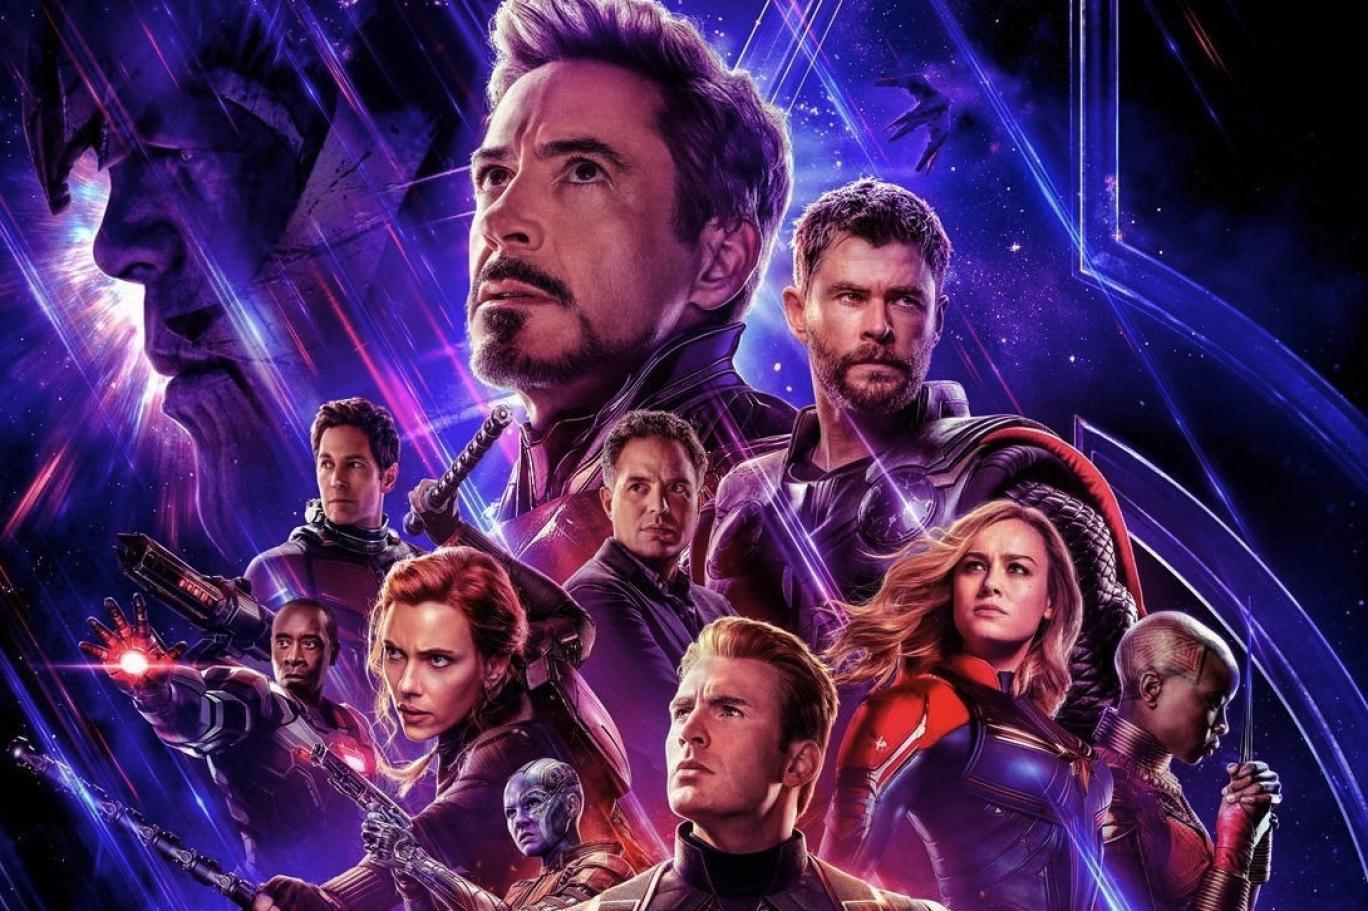 Hangi Marvel kahramanları birbiriyle dövüştü kim kazandı, kim kaybetti? |  Independent Türkçe